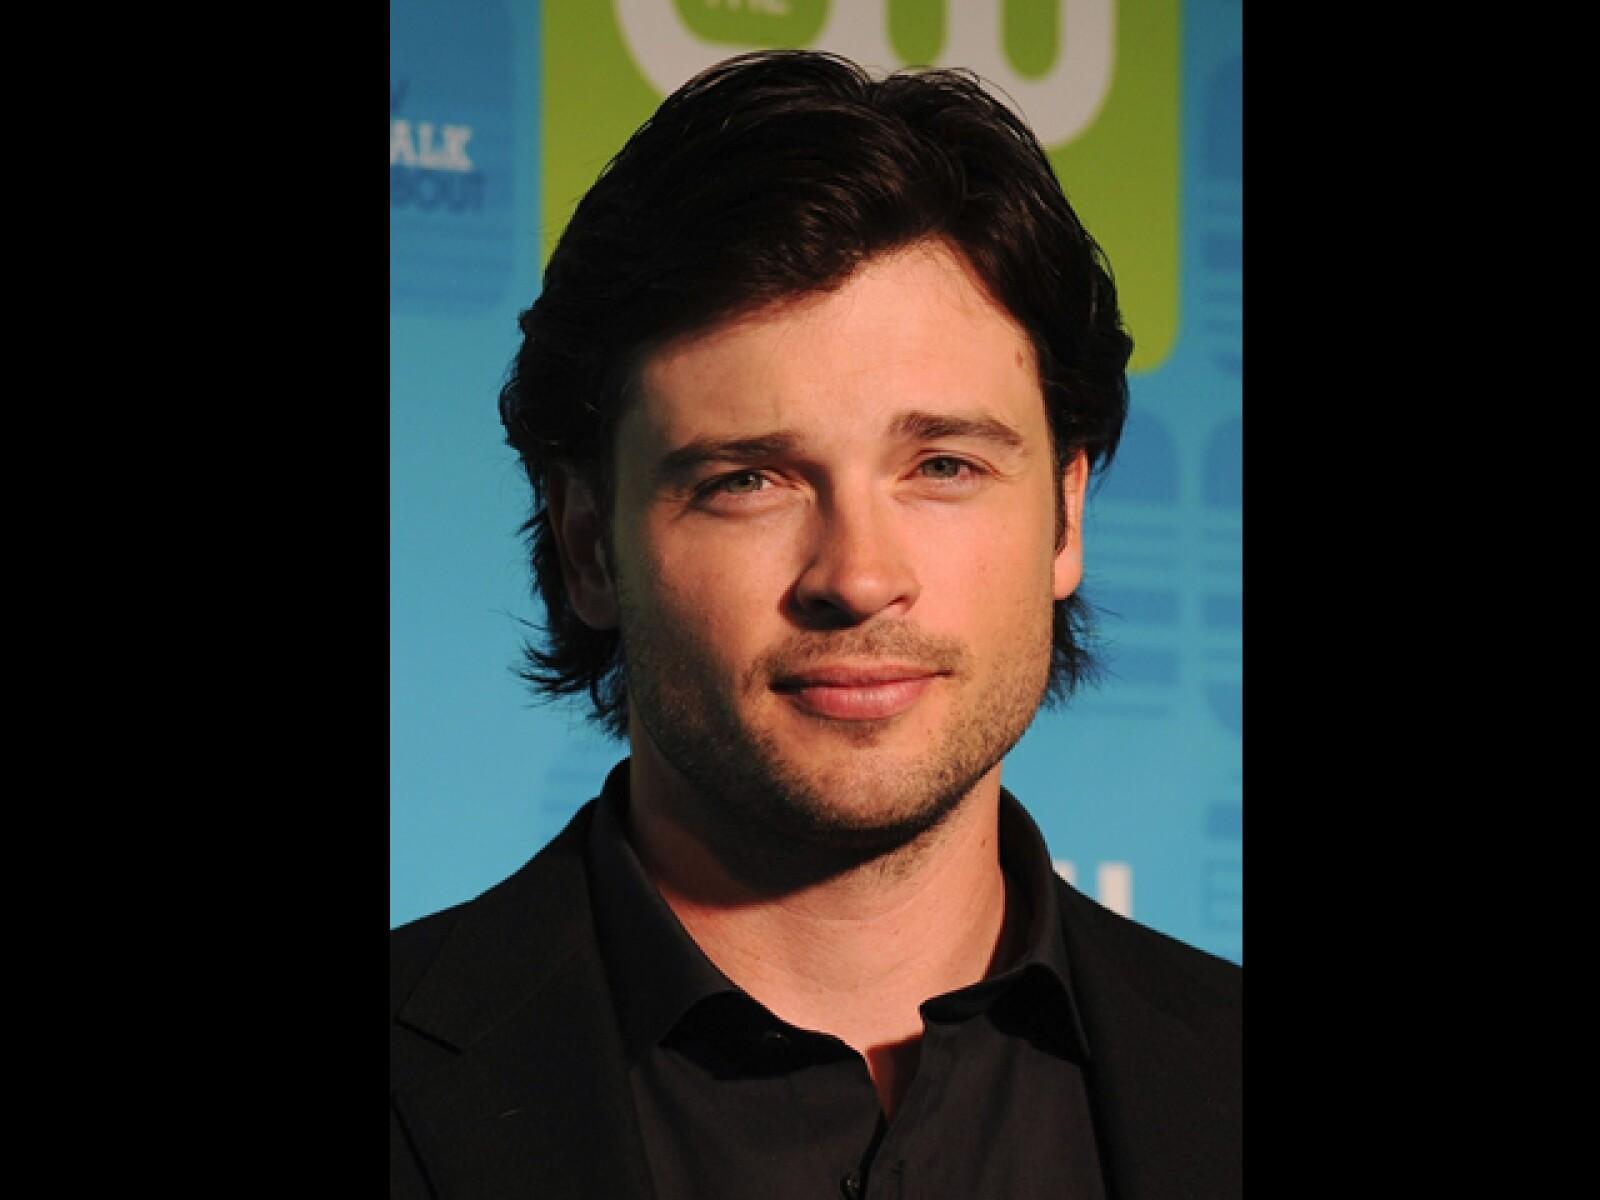 Tom Welling es conocido por su papel de Superman en la serie Smallville, sin embargo, es raro ver fotos suyas tomadas por paparazzi.